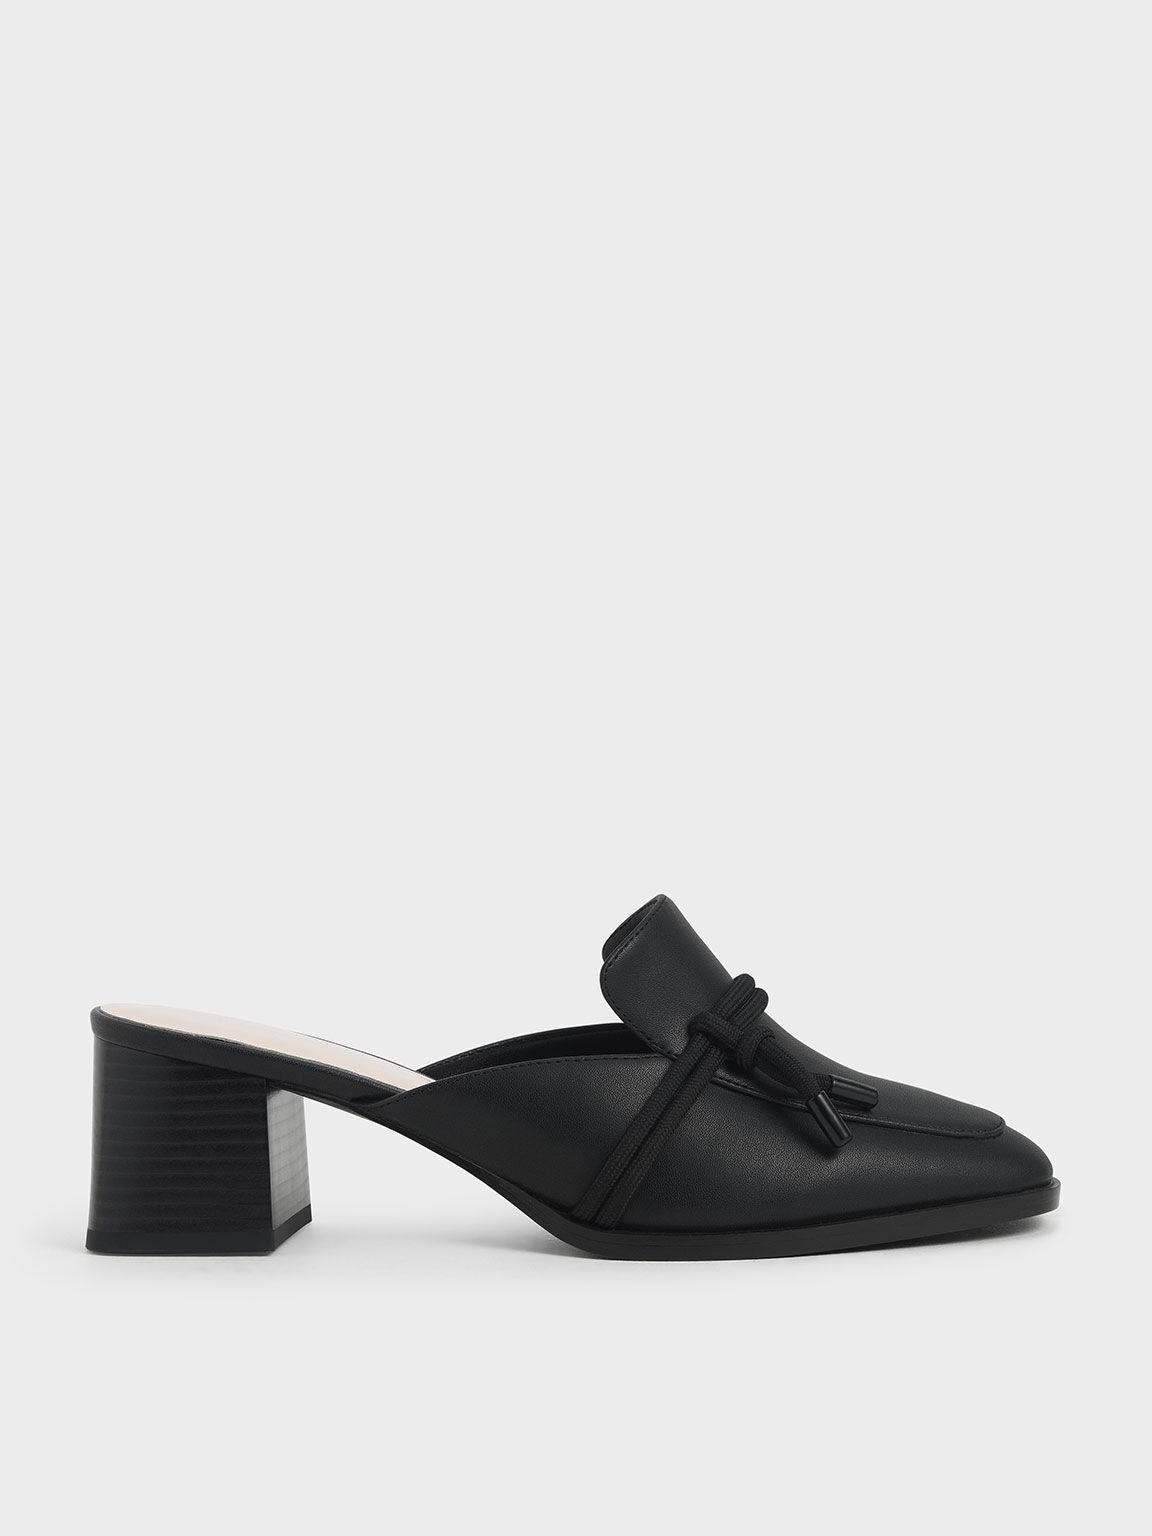 Knot Detail Mules, Black, hi-res